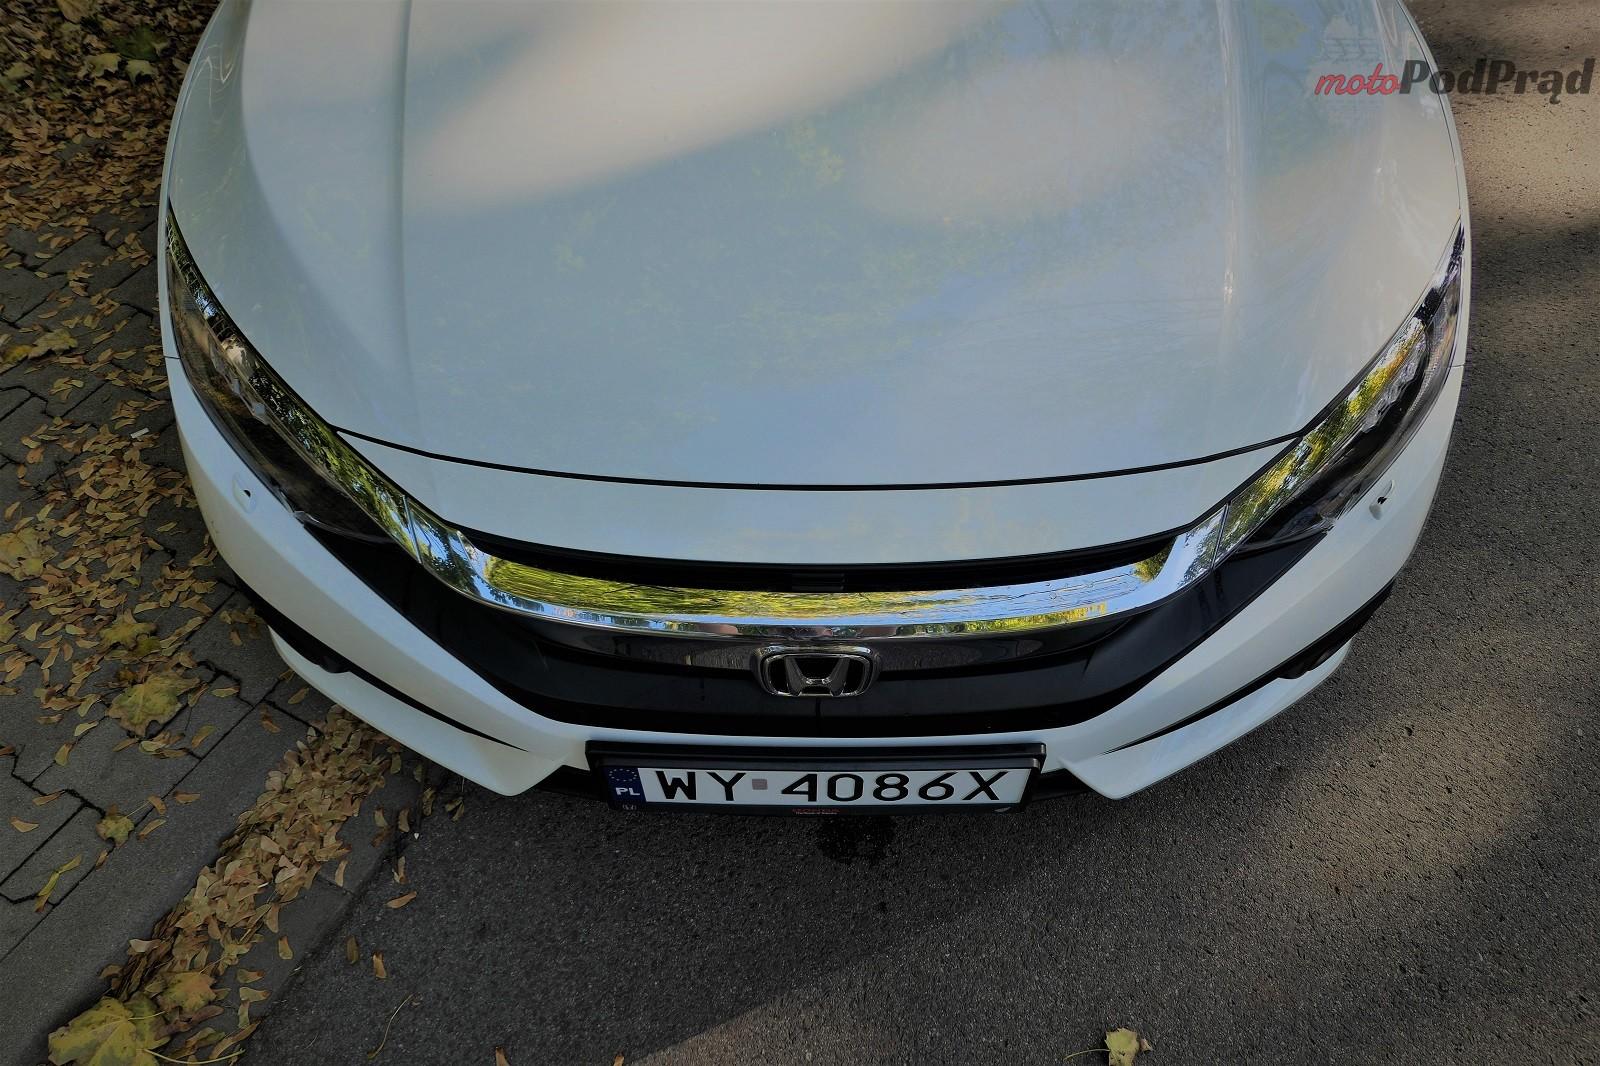 Honda Civix X Sedan 7 10 rzeczy, które zaskakują w Hondzie Civic